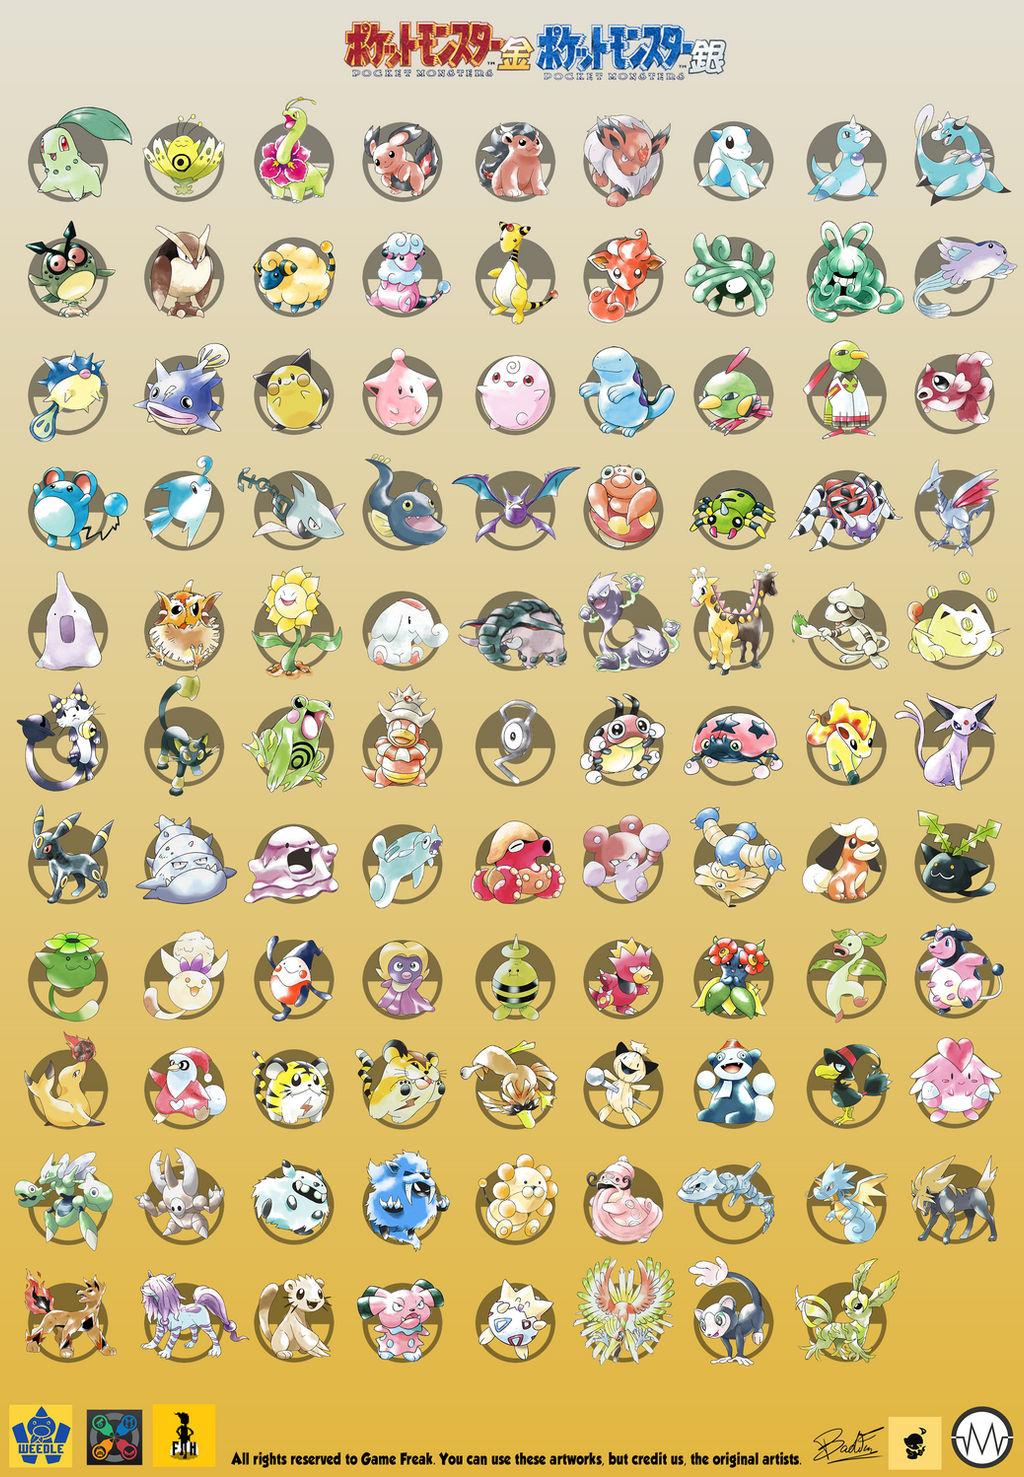 Pokemon Gold and Silver beta - FULL POKEDEX